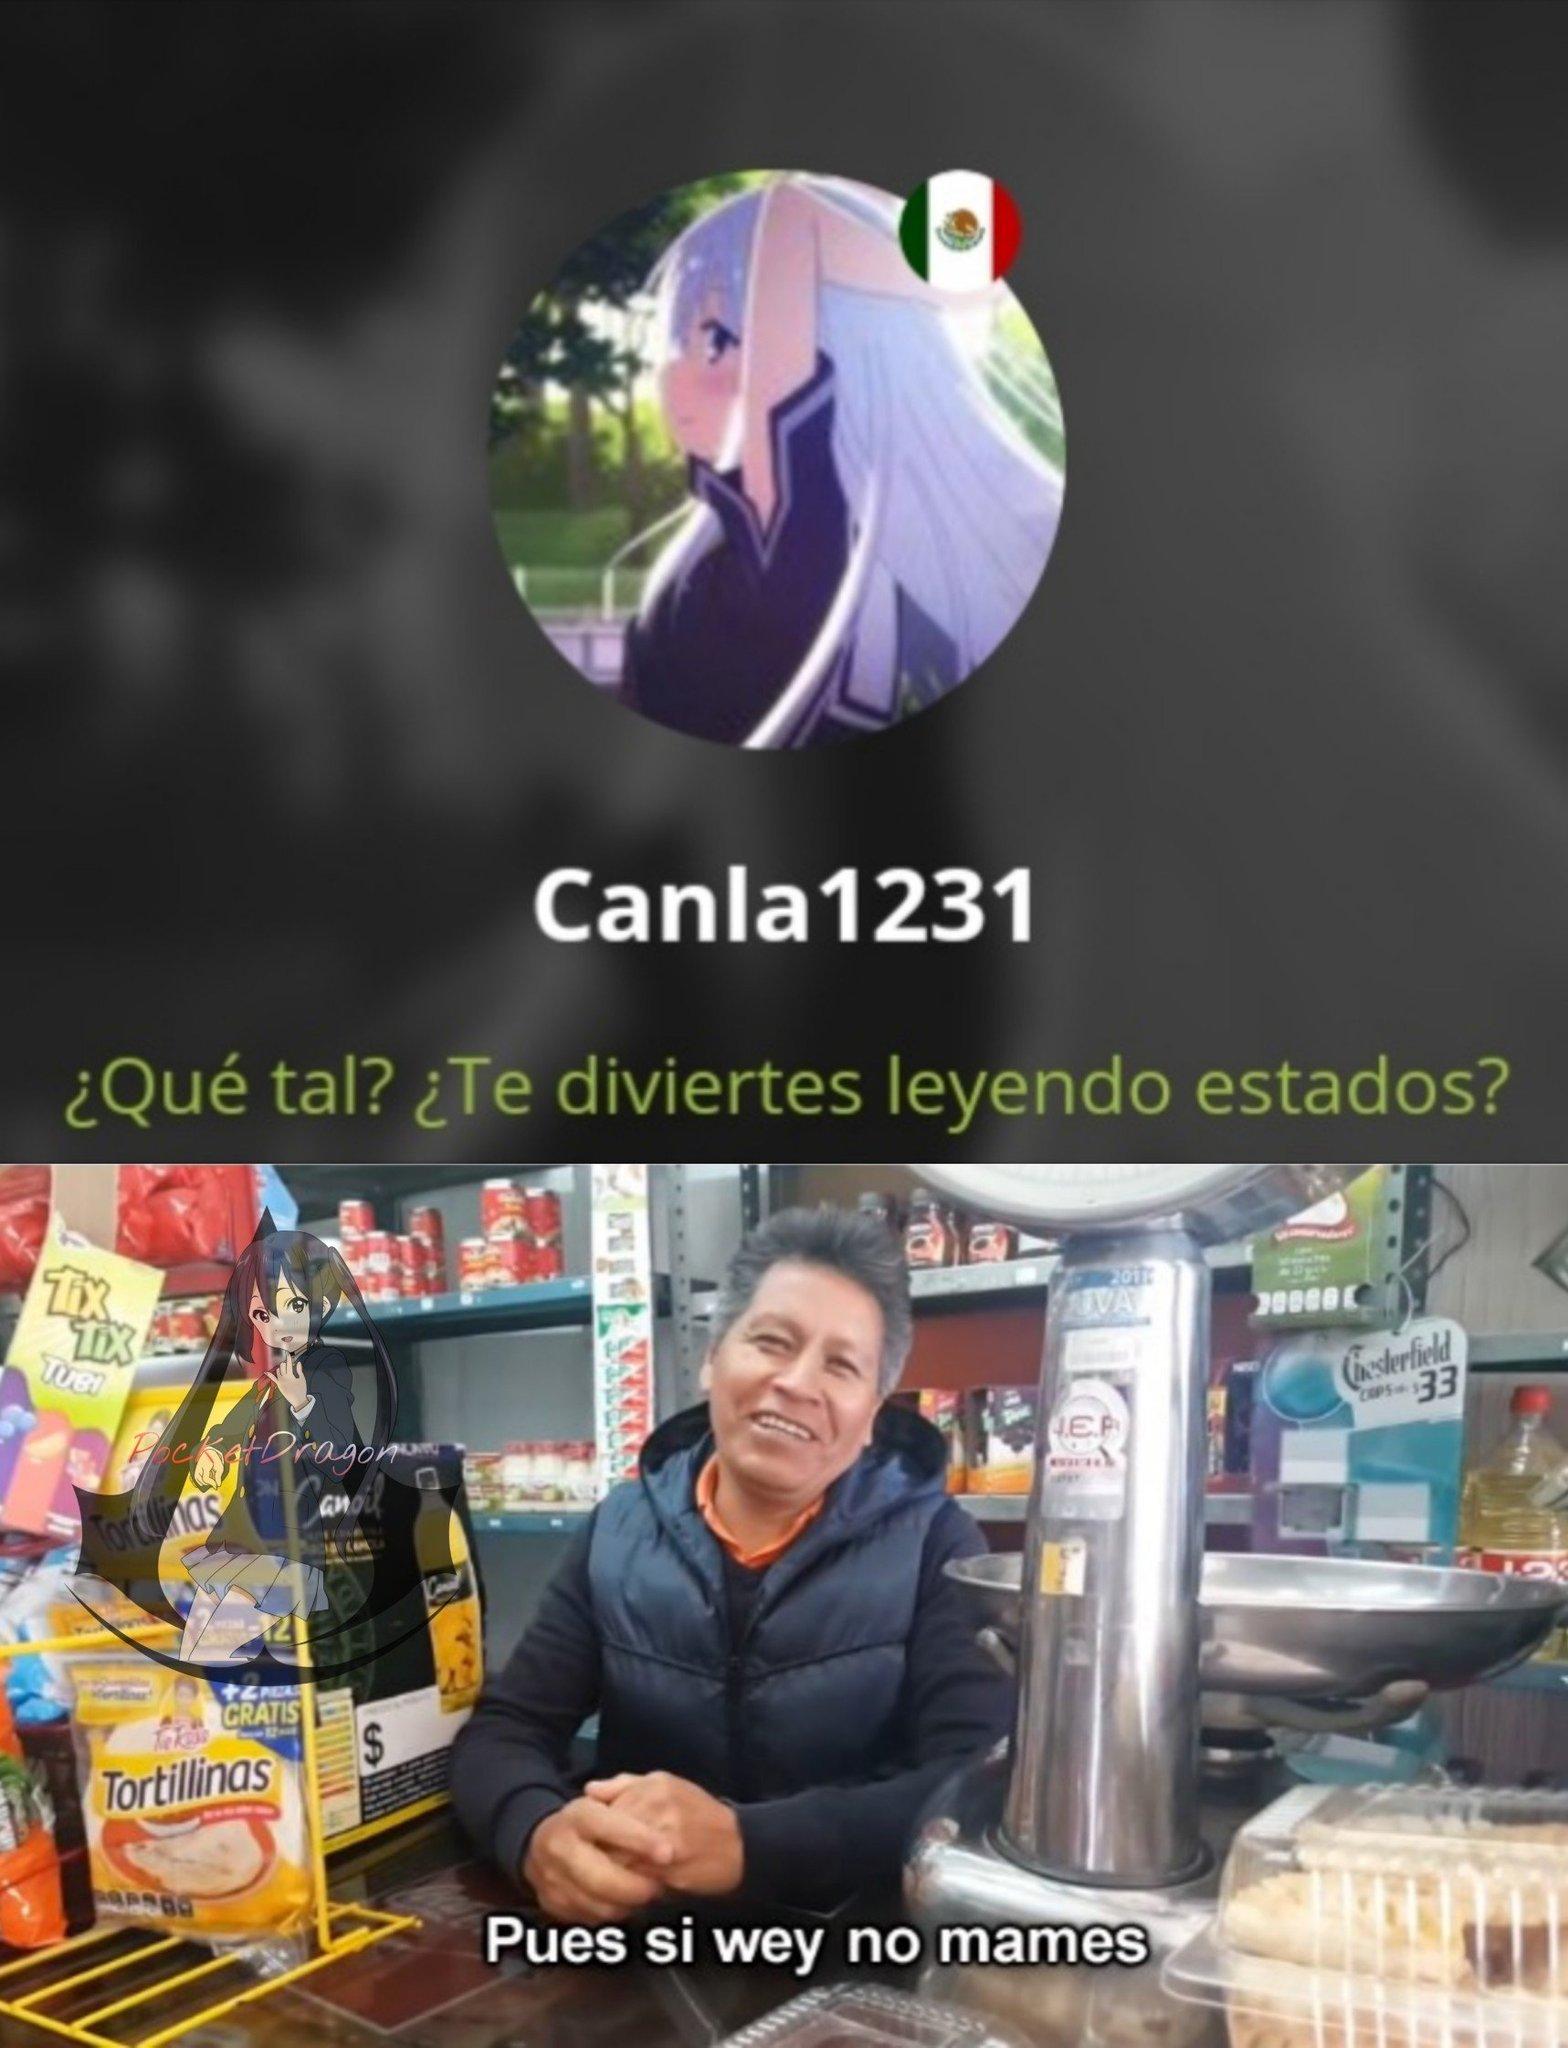 Gracias por el estado Canla1231 - meme